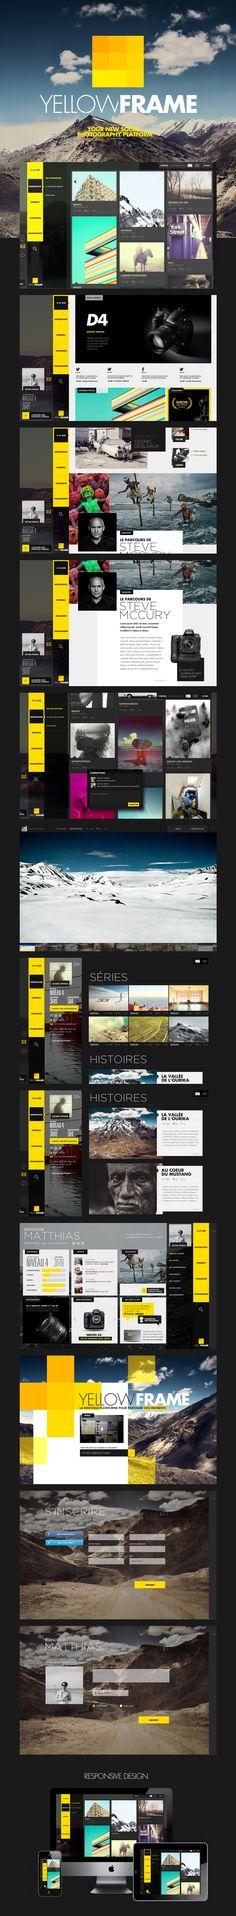 YELLOW FRAME / Thomas Ciszewski #webdesign #ui #design #user #iterface #web